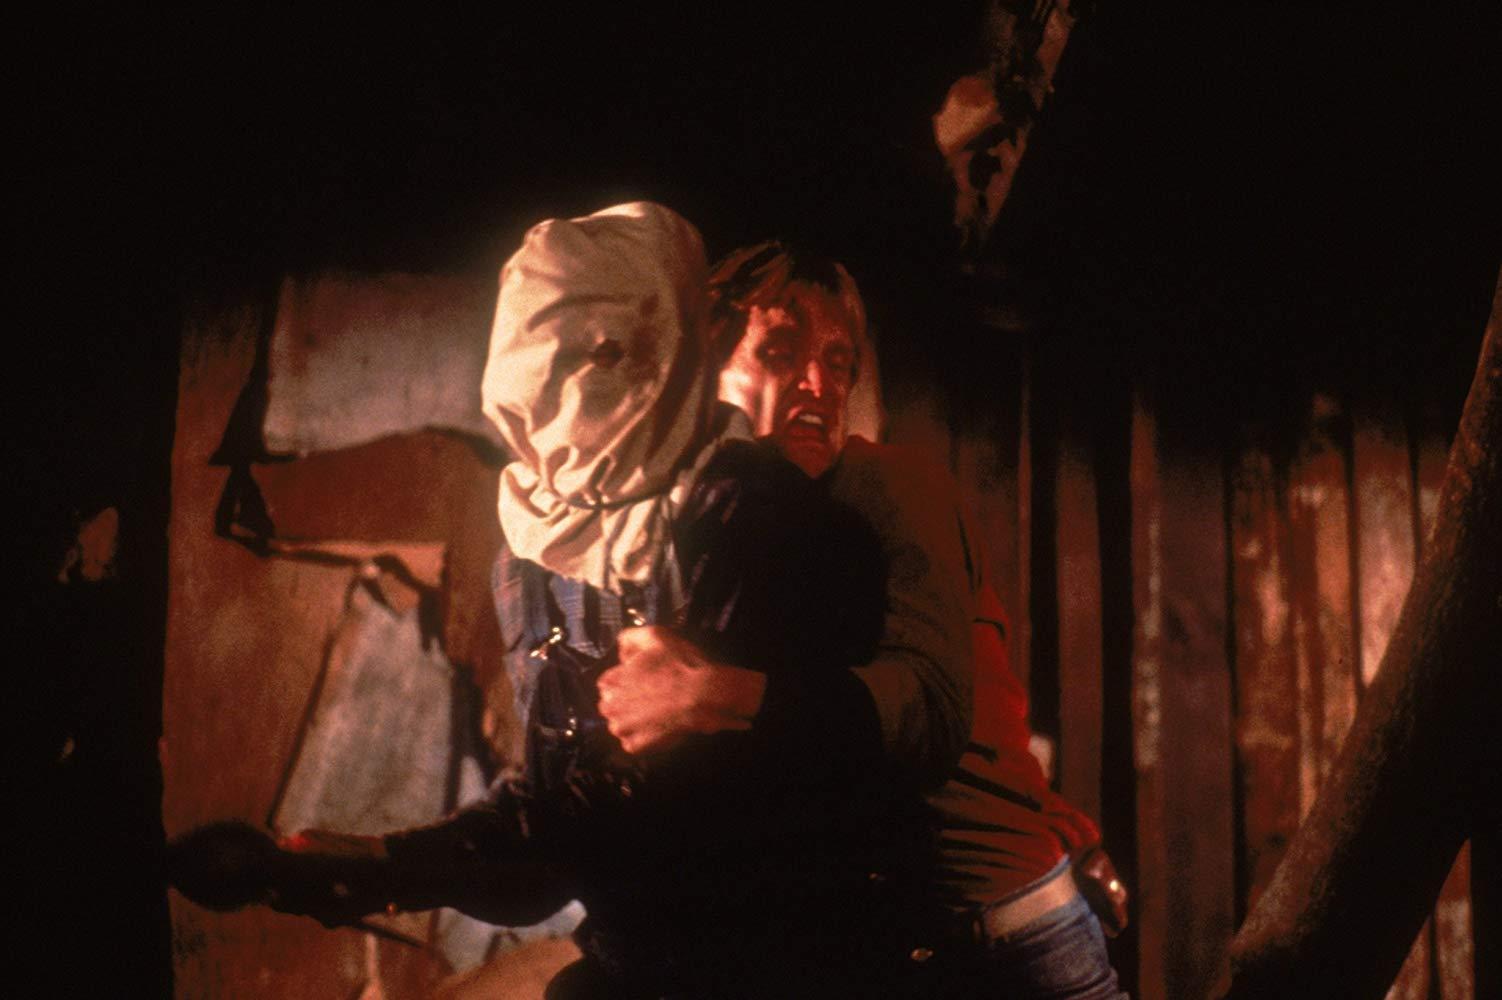 مشاهدة فيلم Friday The 13th Part 2 1981 HD مترجم كامل اون لاين